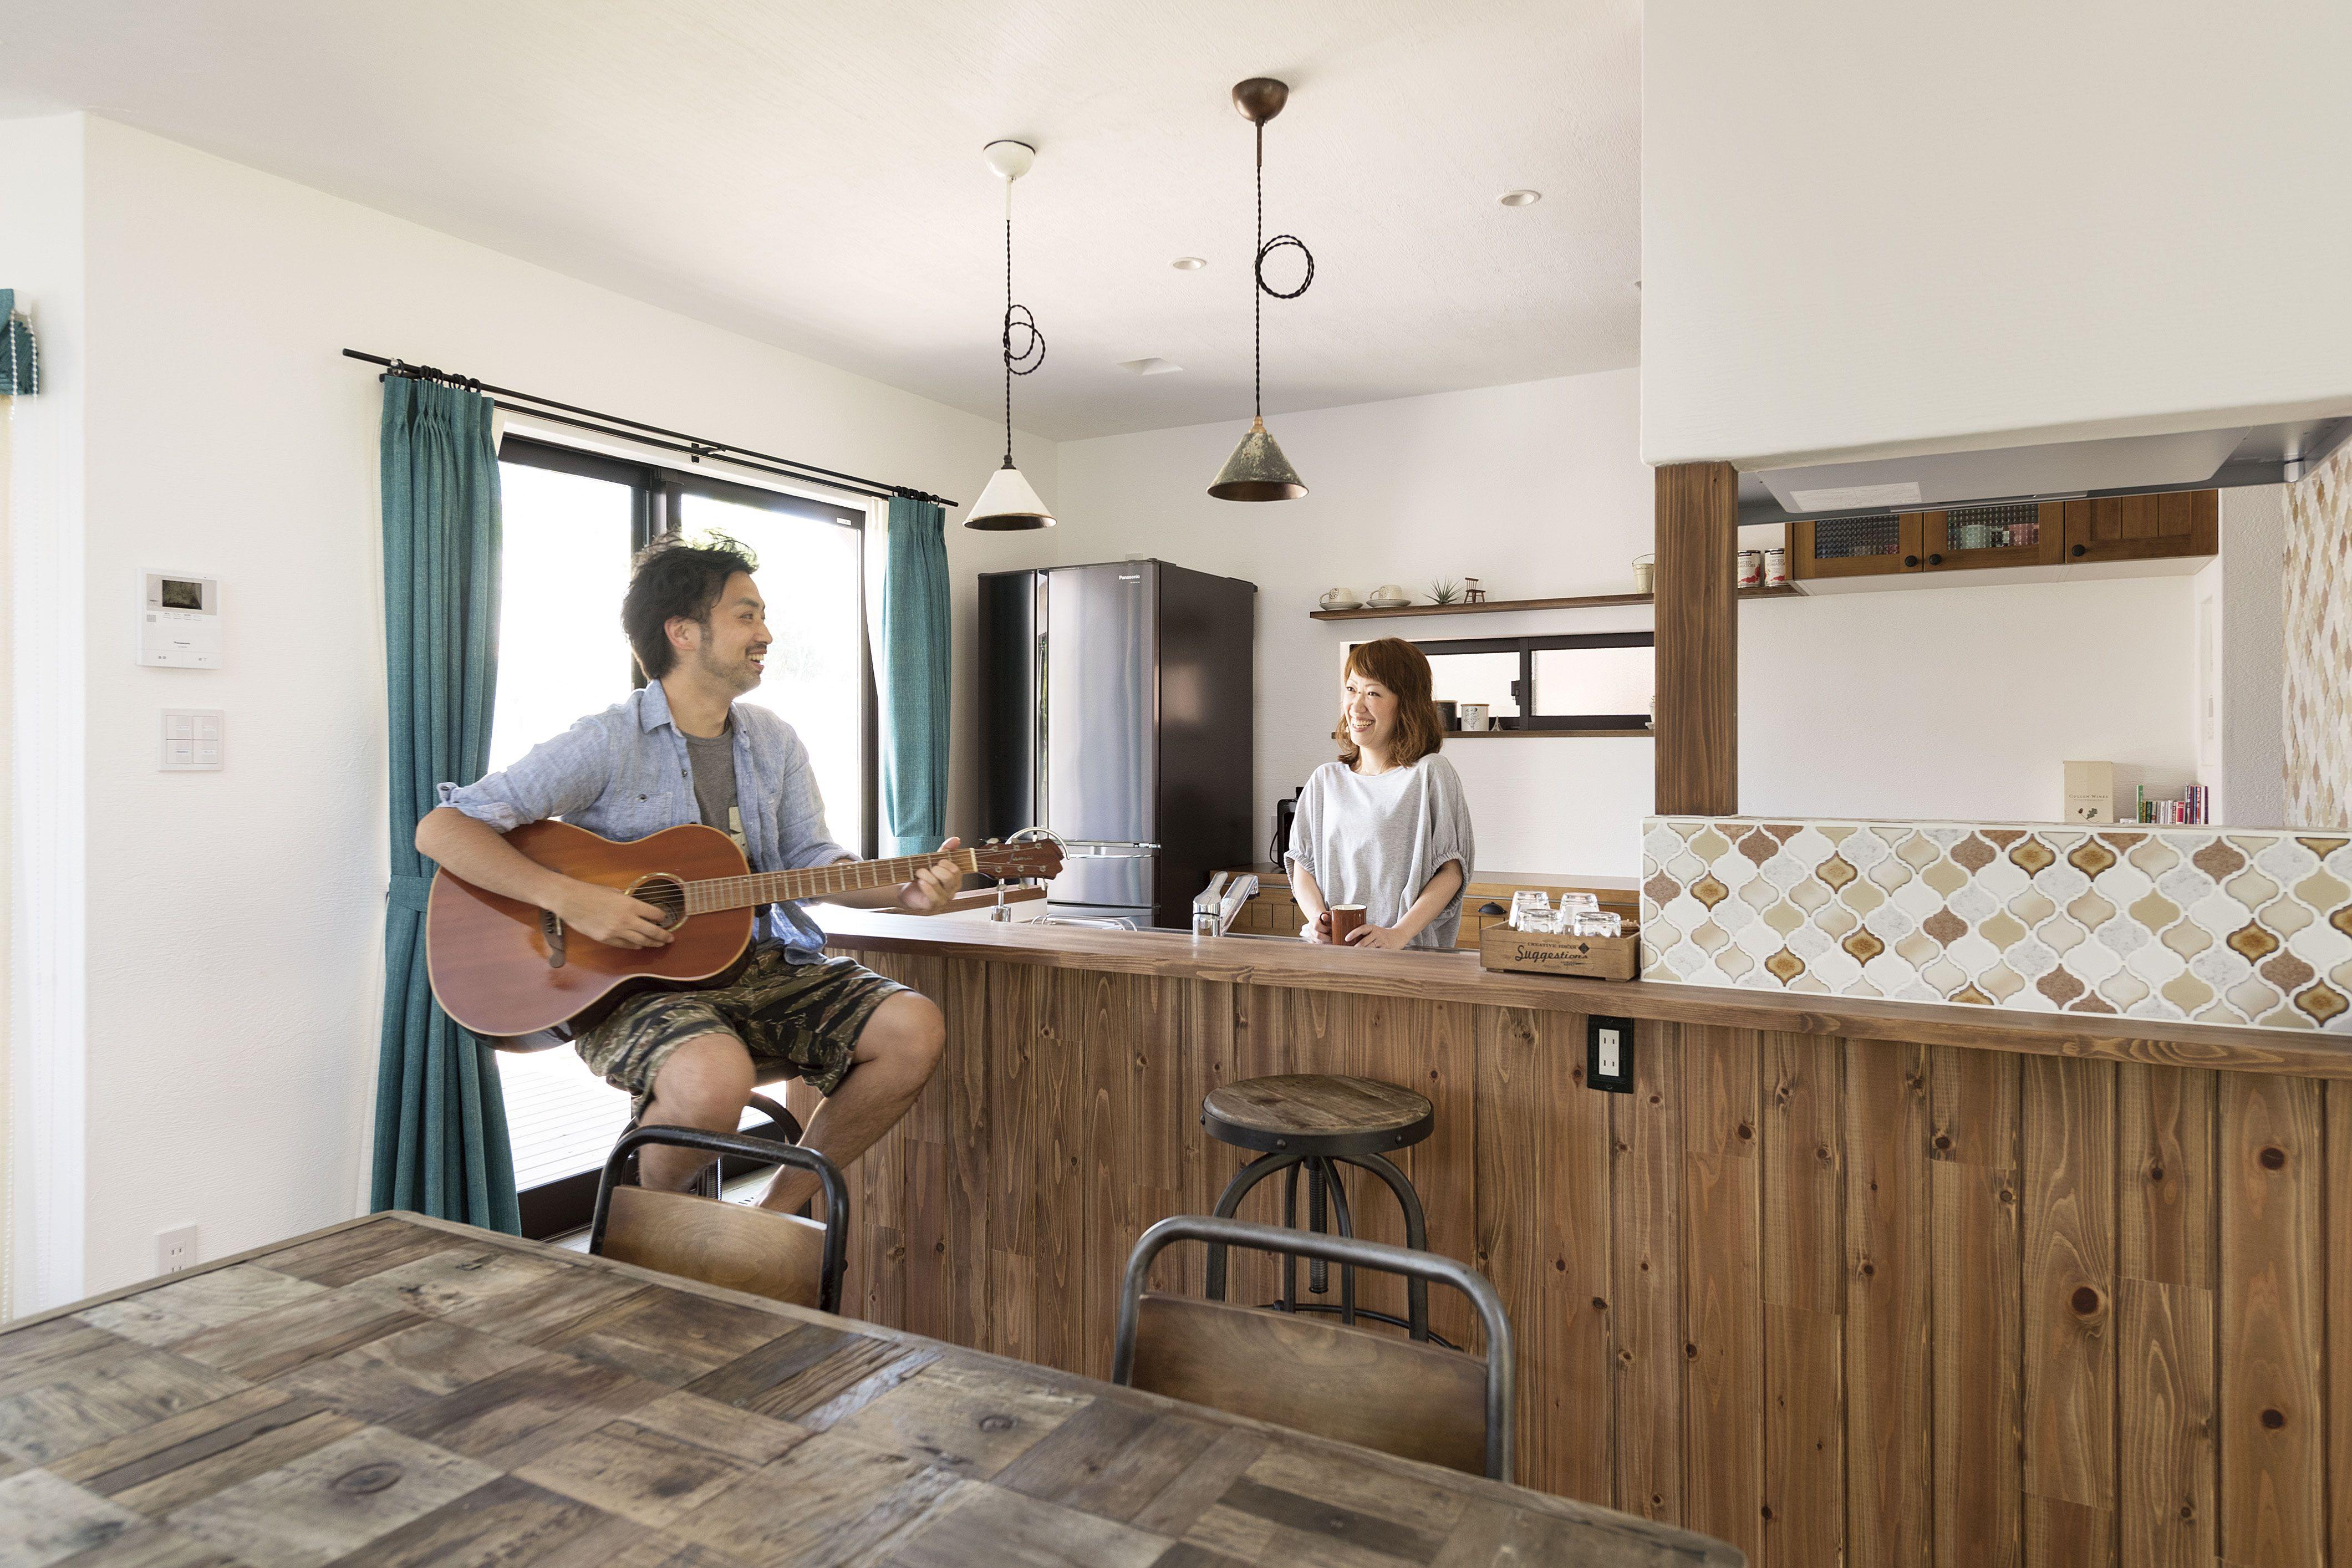 ケース77 カフェ風 キッチン 無添加住宅 キッチン